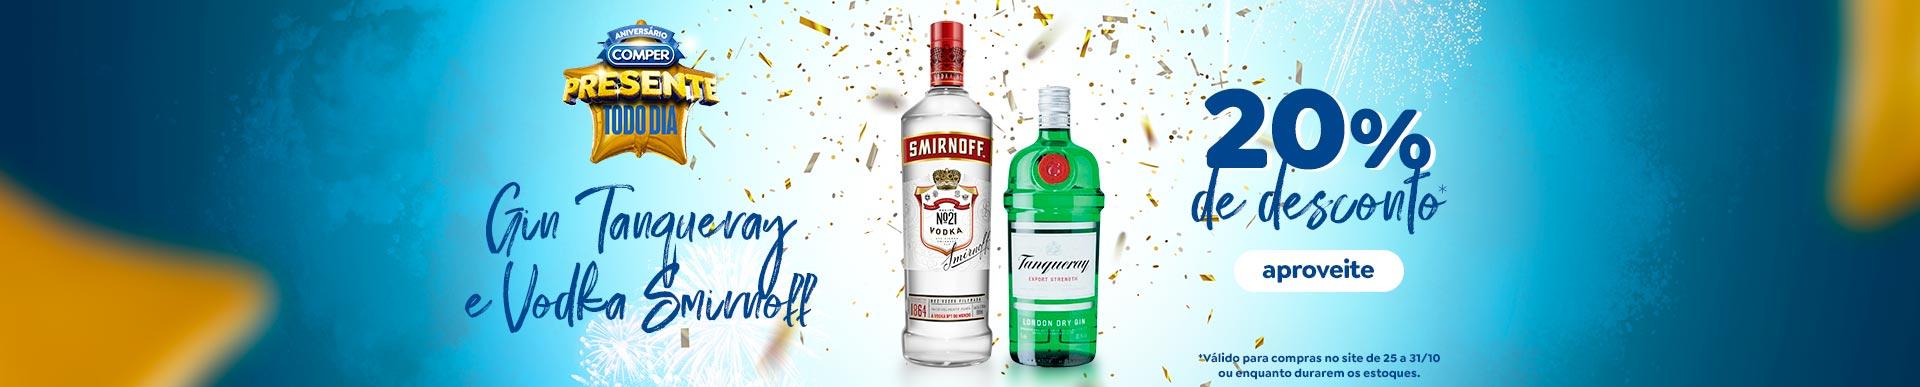 amkt_2021-10-27a10-31_aniversario-presentetododia_liquida_DF-destilados20off-smirnoff-tanqueray